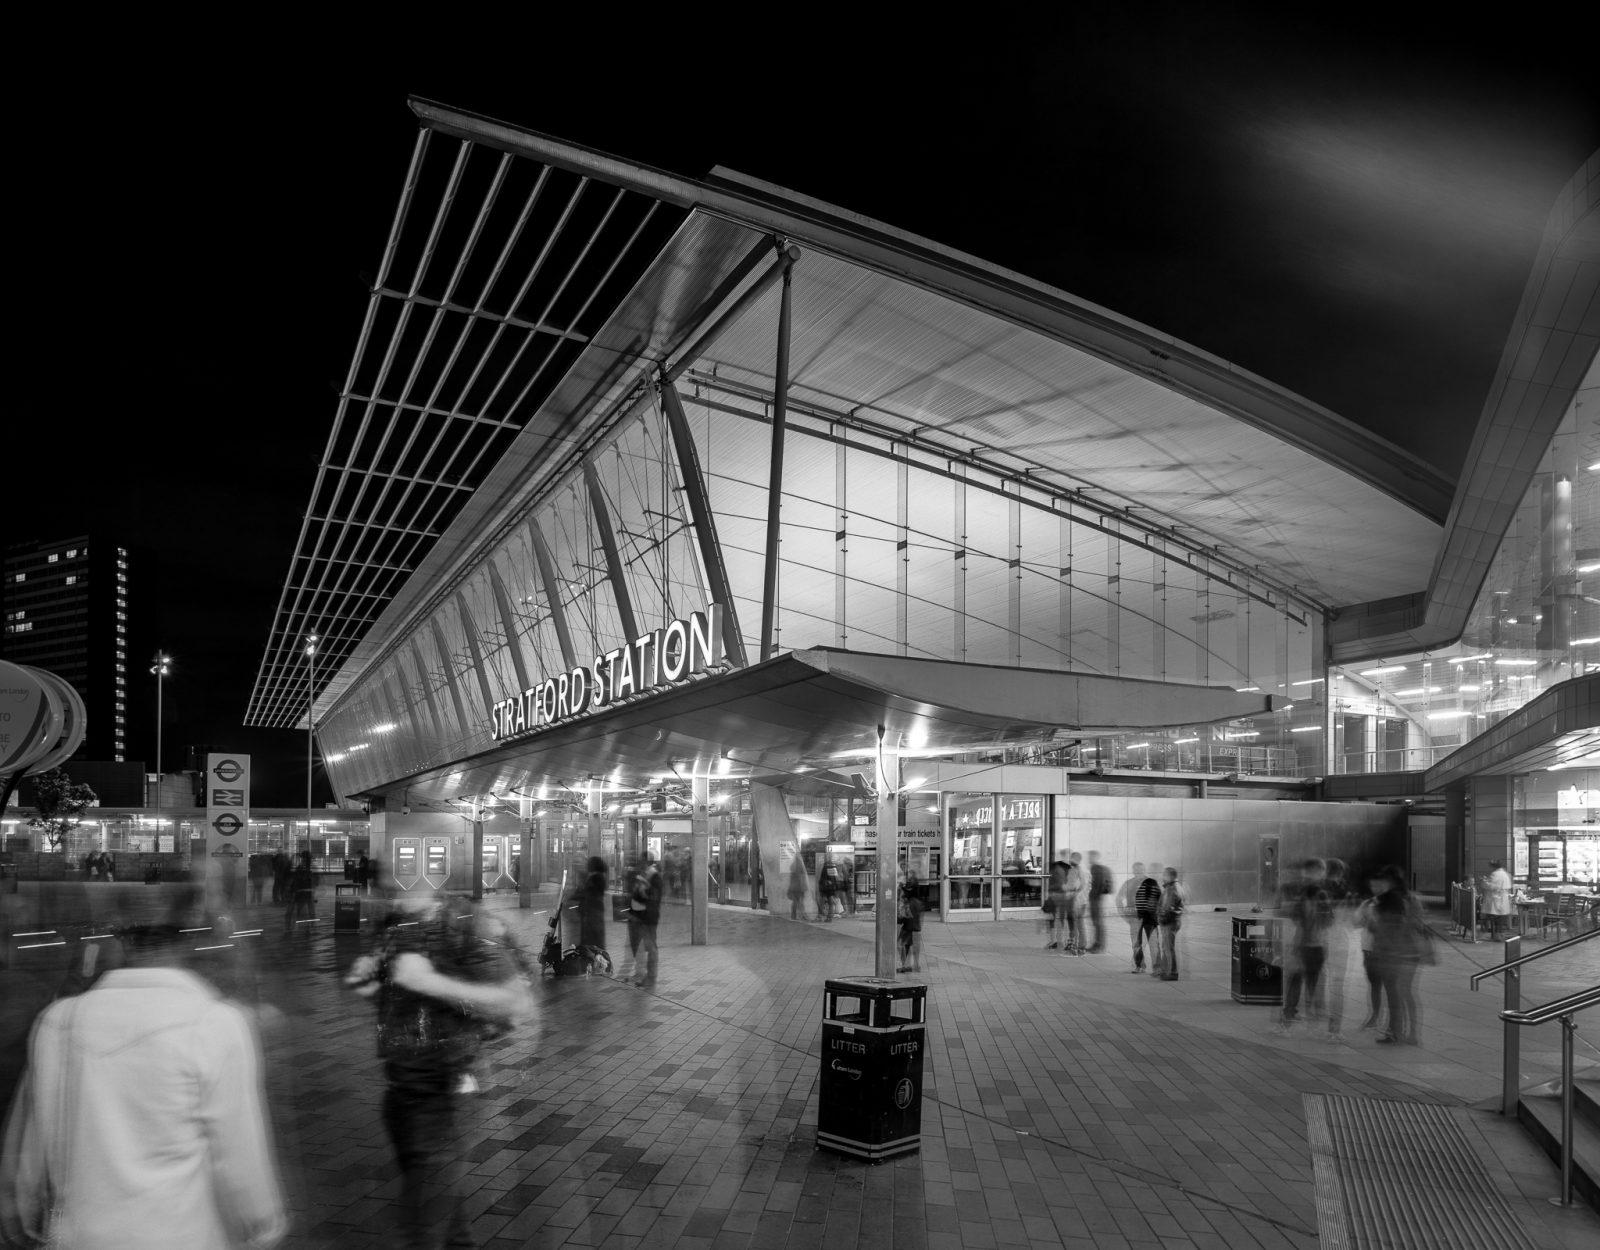 Stratford Regional Station